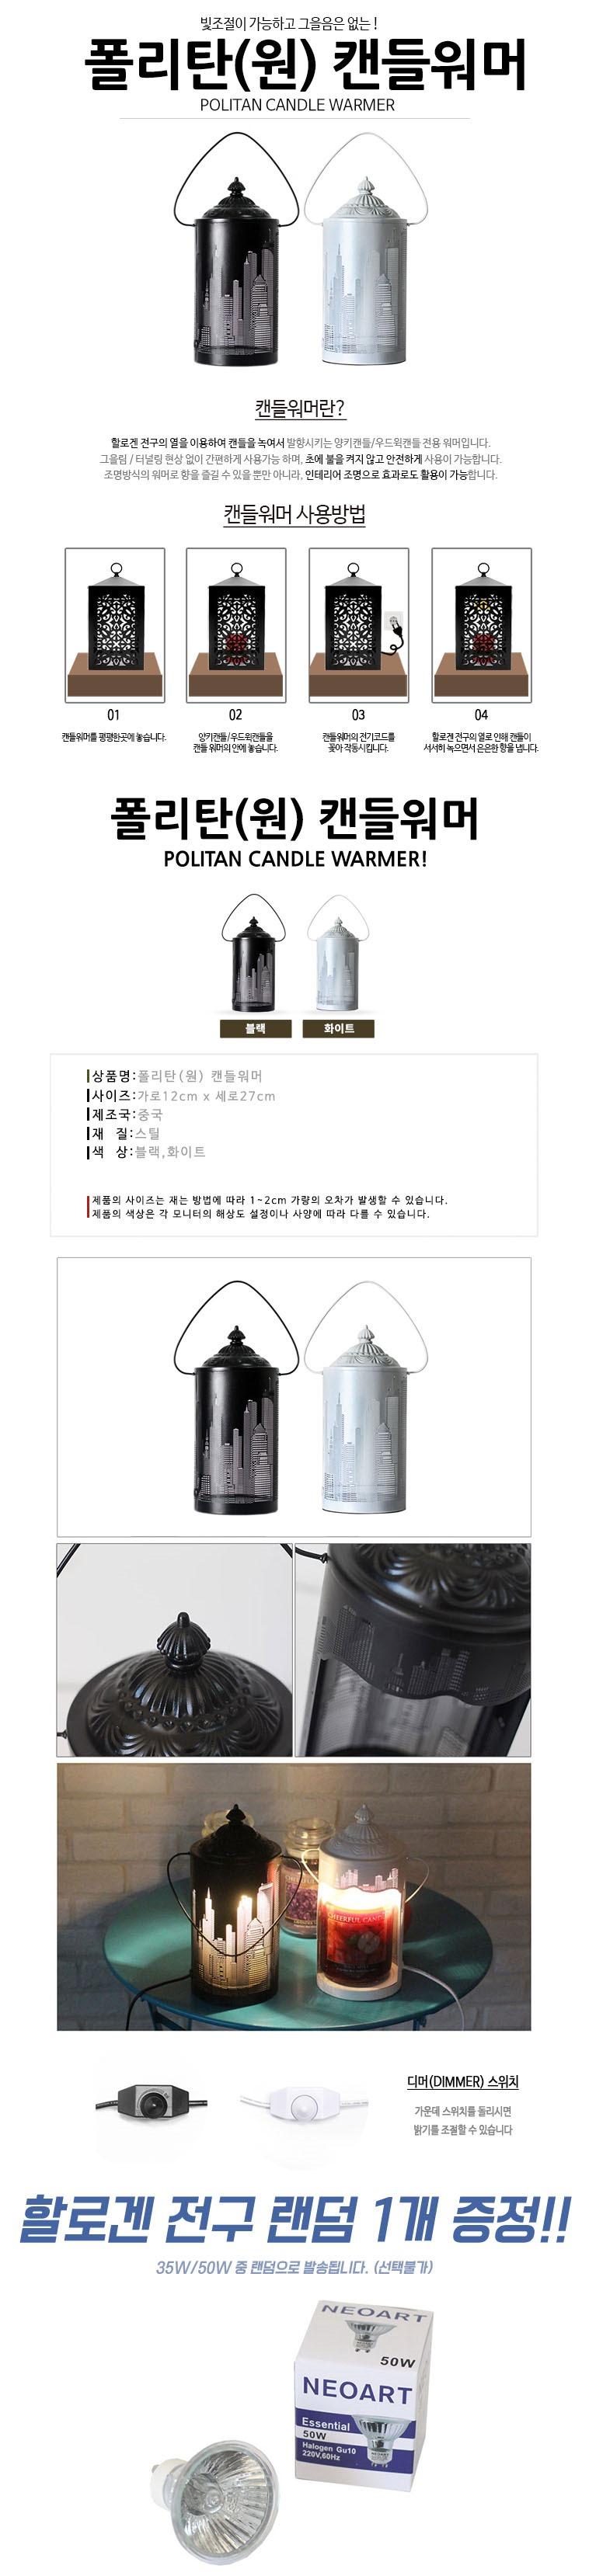 폴리탄(원) 캔들워머 + 프라이스 캔들 세트 - 미트라샵, 43,680원, 캔들, 캔들워머/용품